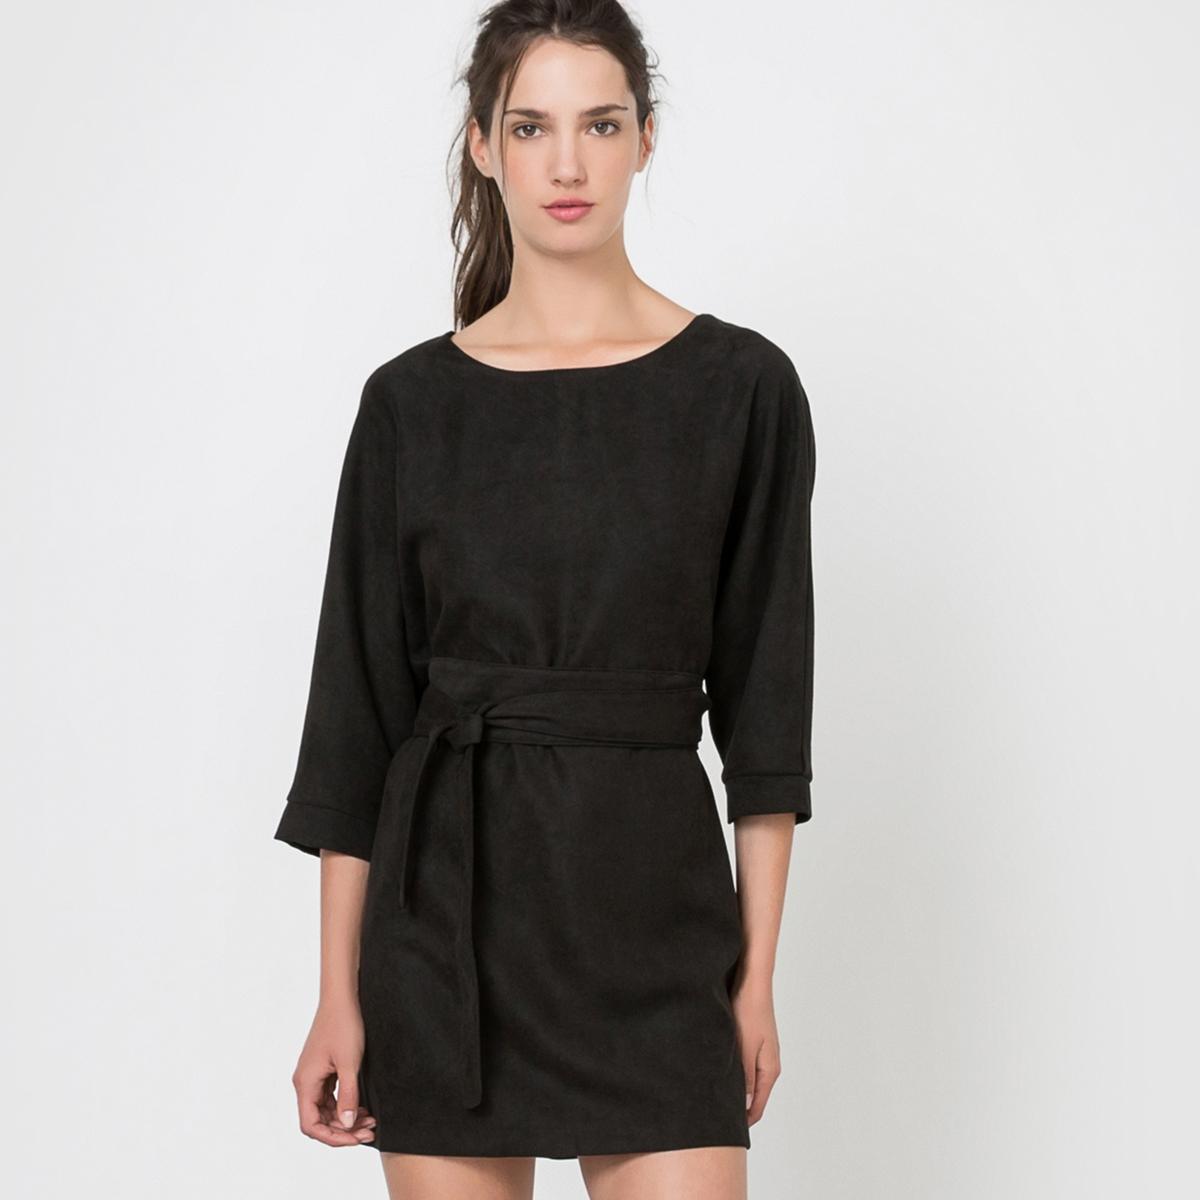 Платье с рукавами 3/4, пояс на завязкахСостав и описаниеМатериал: 100% полиэстер.Марка: MOLLY BRACKEN. УходСтирка при 30°С с вещами подобных цветов.Стирать и гладить с изнанки.<br><br>Цвет: черный<br>Размер: M